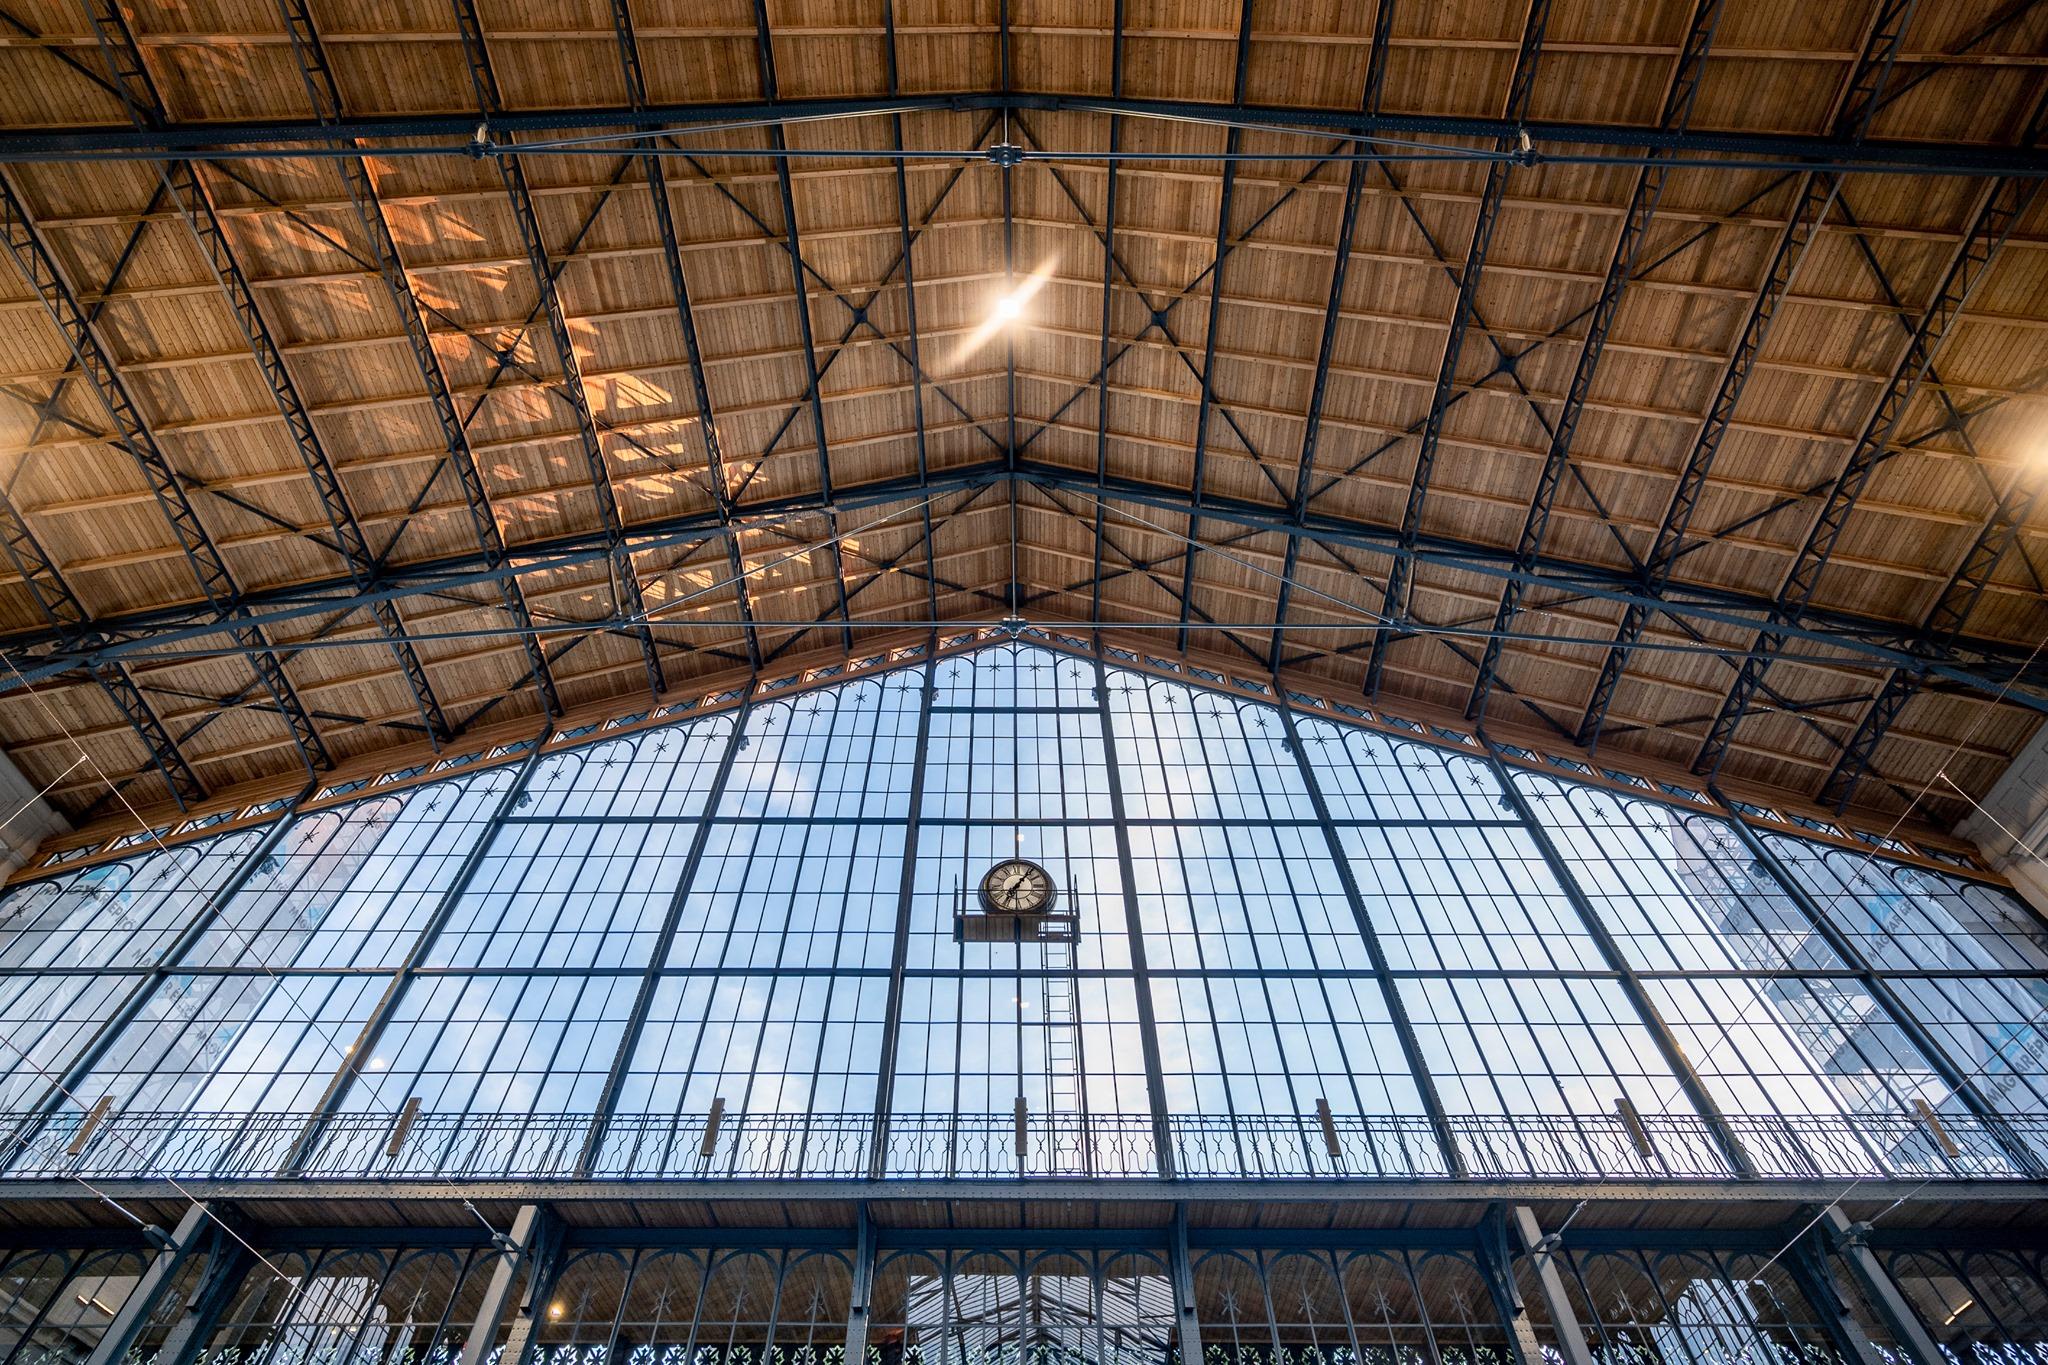 Teljesen megújult a csarnok tetőszerkezete, az egyéb felújítási munkálatok még jövő nyárig zajlanak